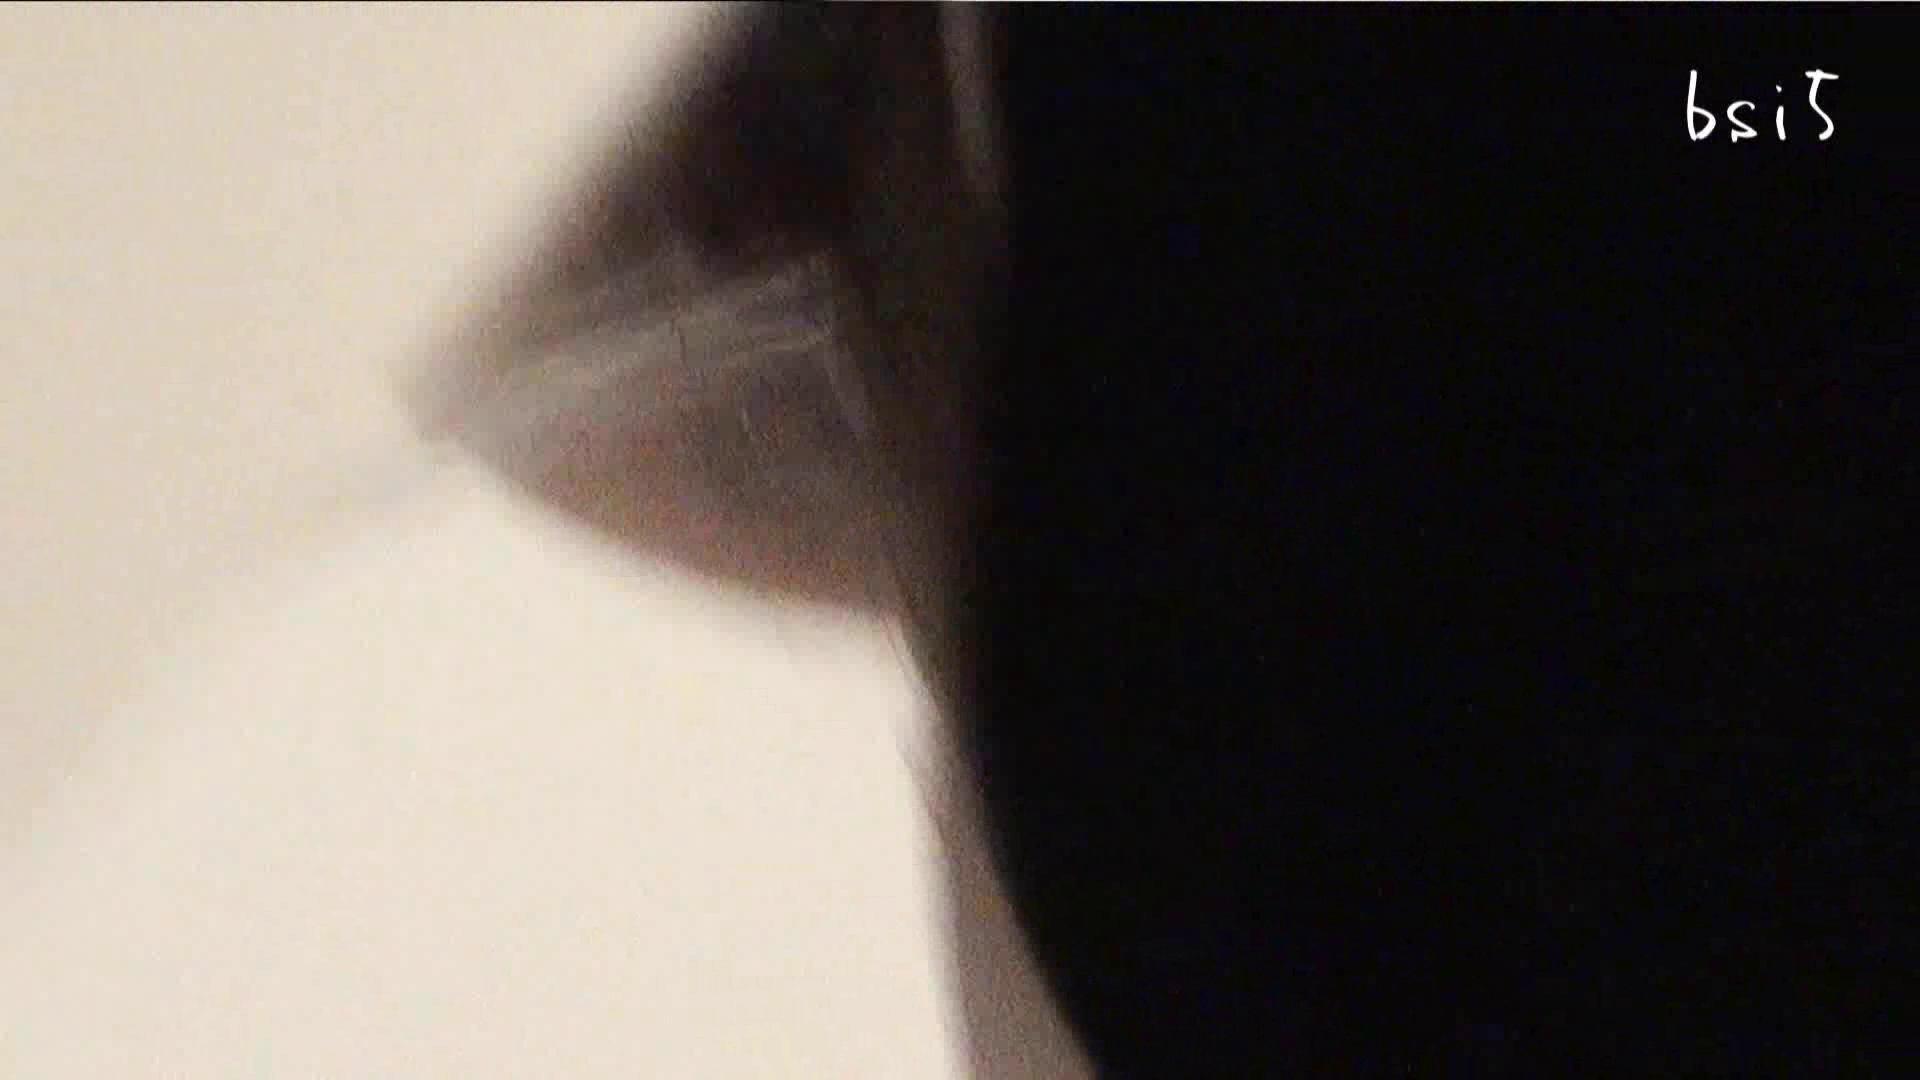 ナースのお小水 vol.005 ナースのエロ動画   お姉さんの下半身 のぞき 112PIX 77